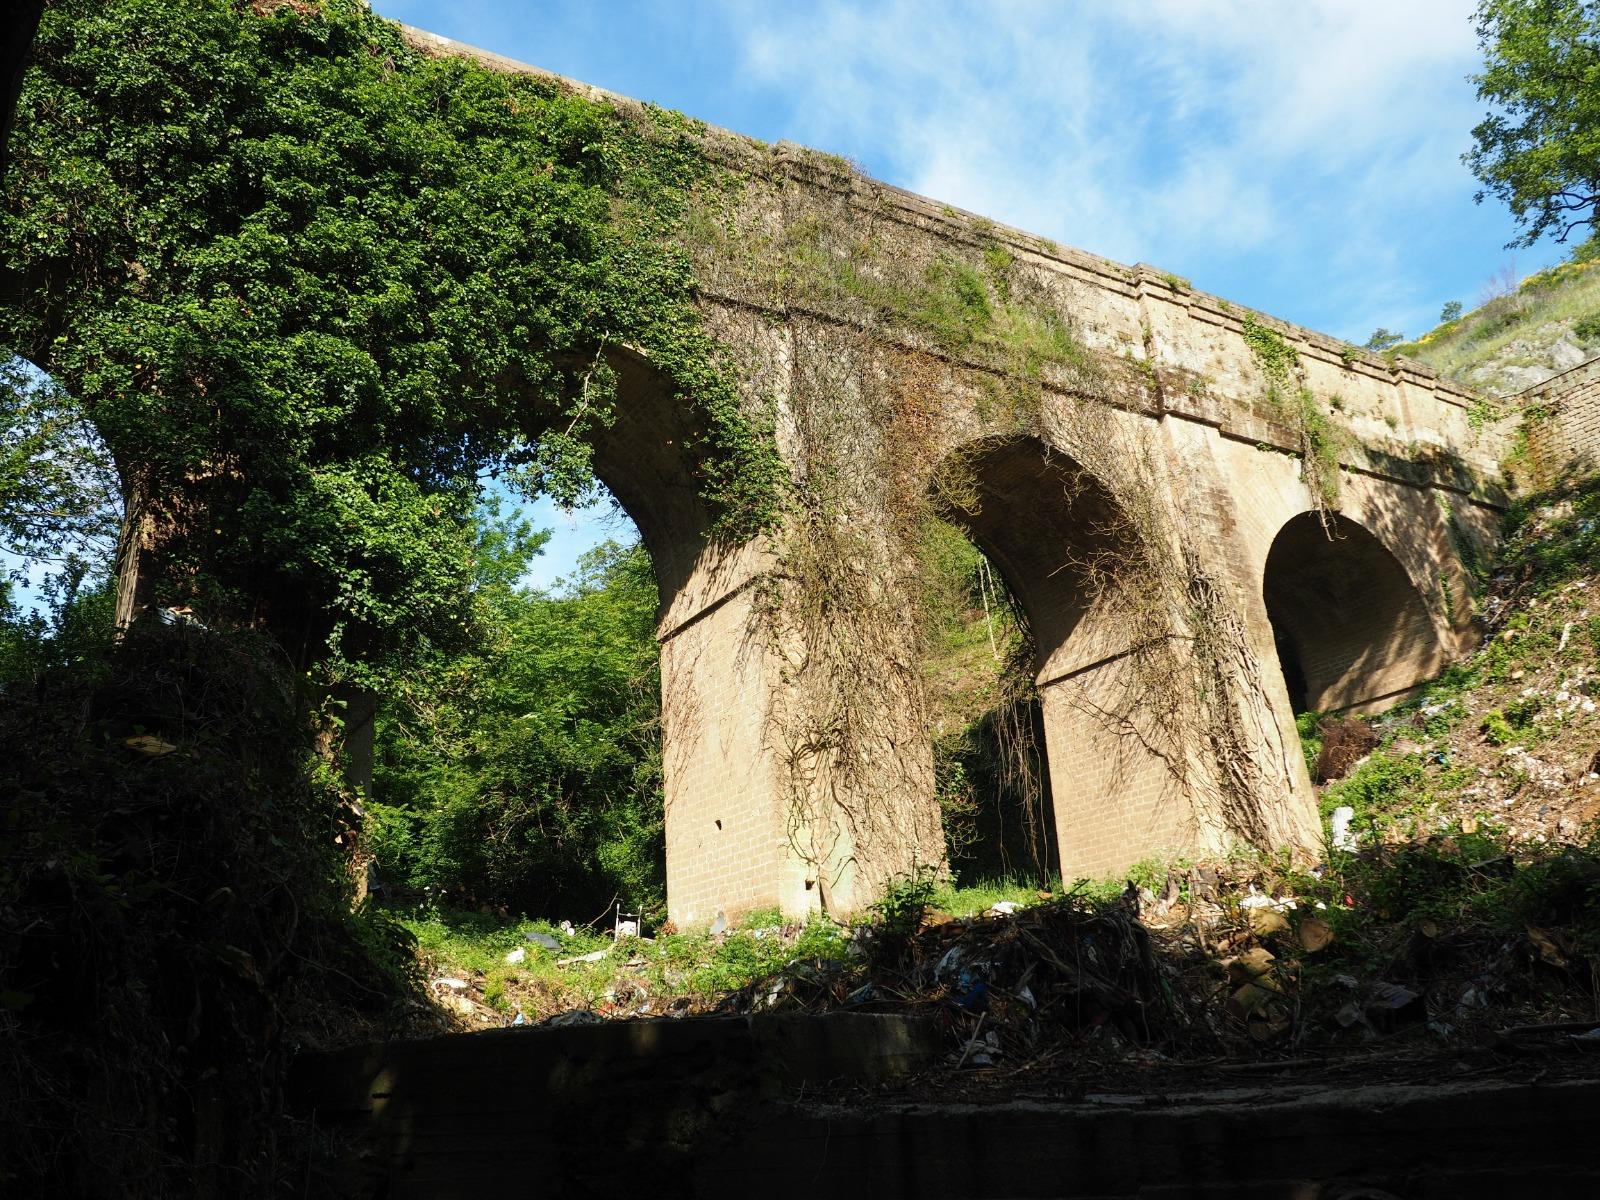 Il Ponte vanvitelliano della Valle di Durazzano compie 258 anni. Il 28 ottobre le celebrazioni